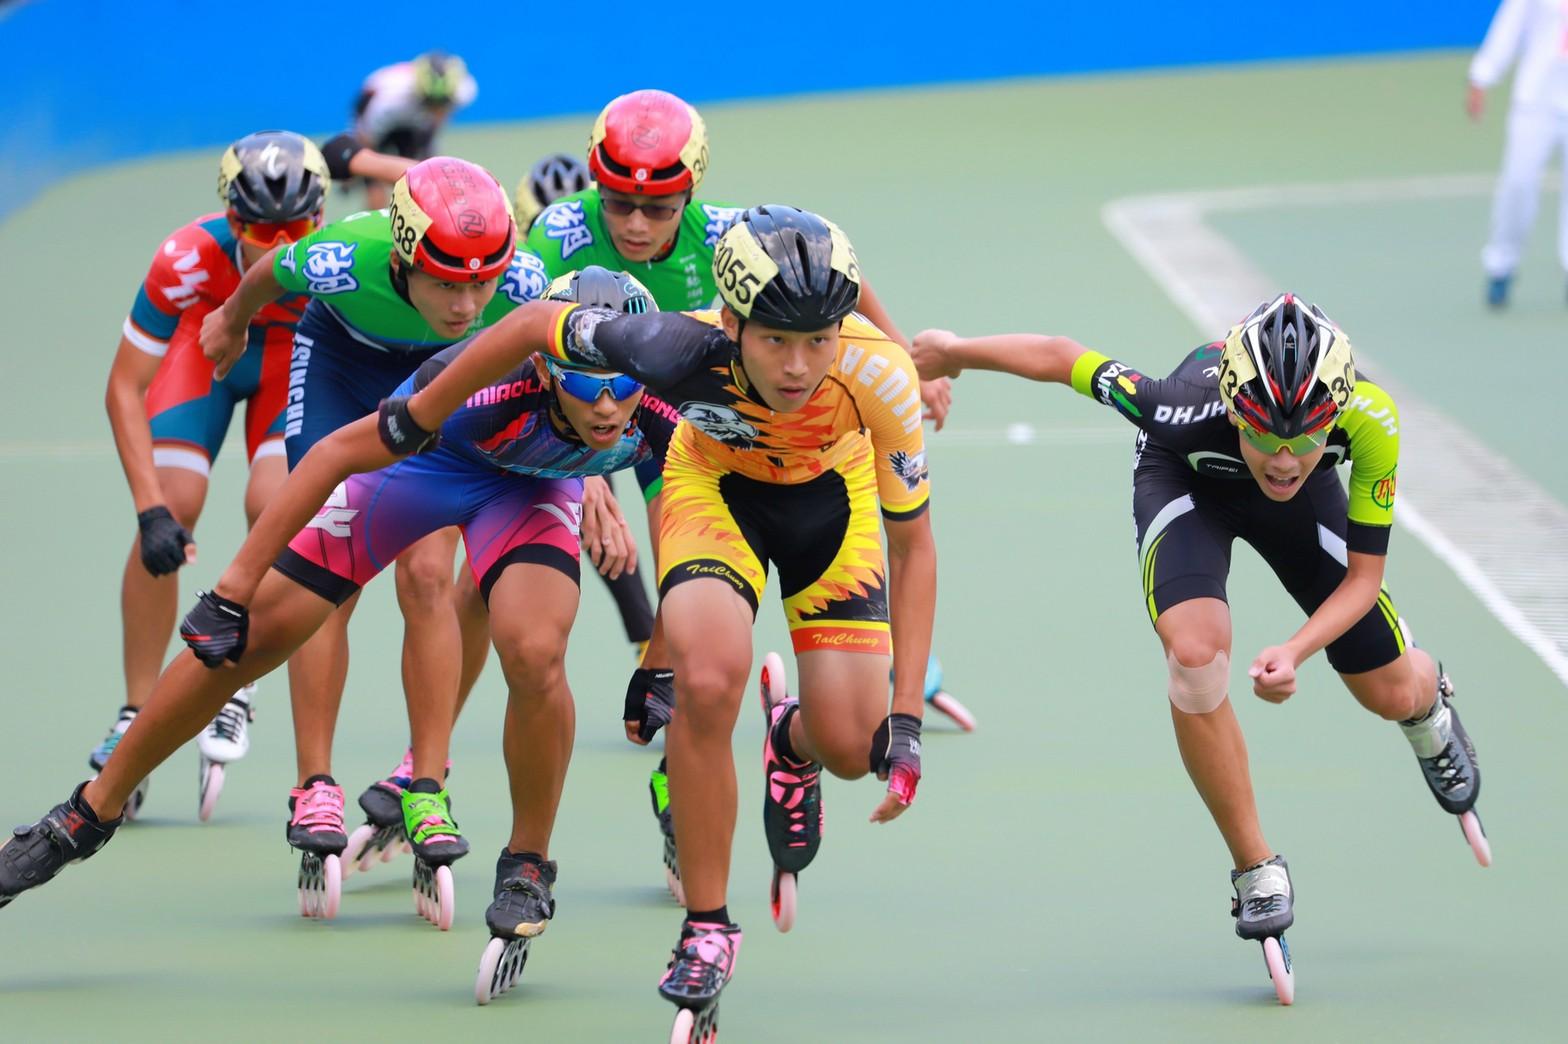 全中運奪3金3破大會紀錄 中市選手李銘昌滑輪溜冰成績傲人。(記者張越安翻攝)